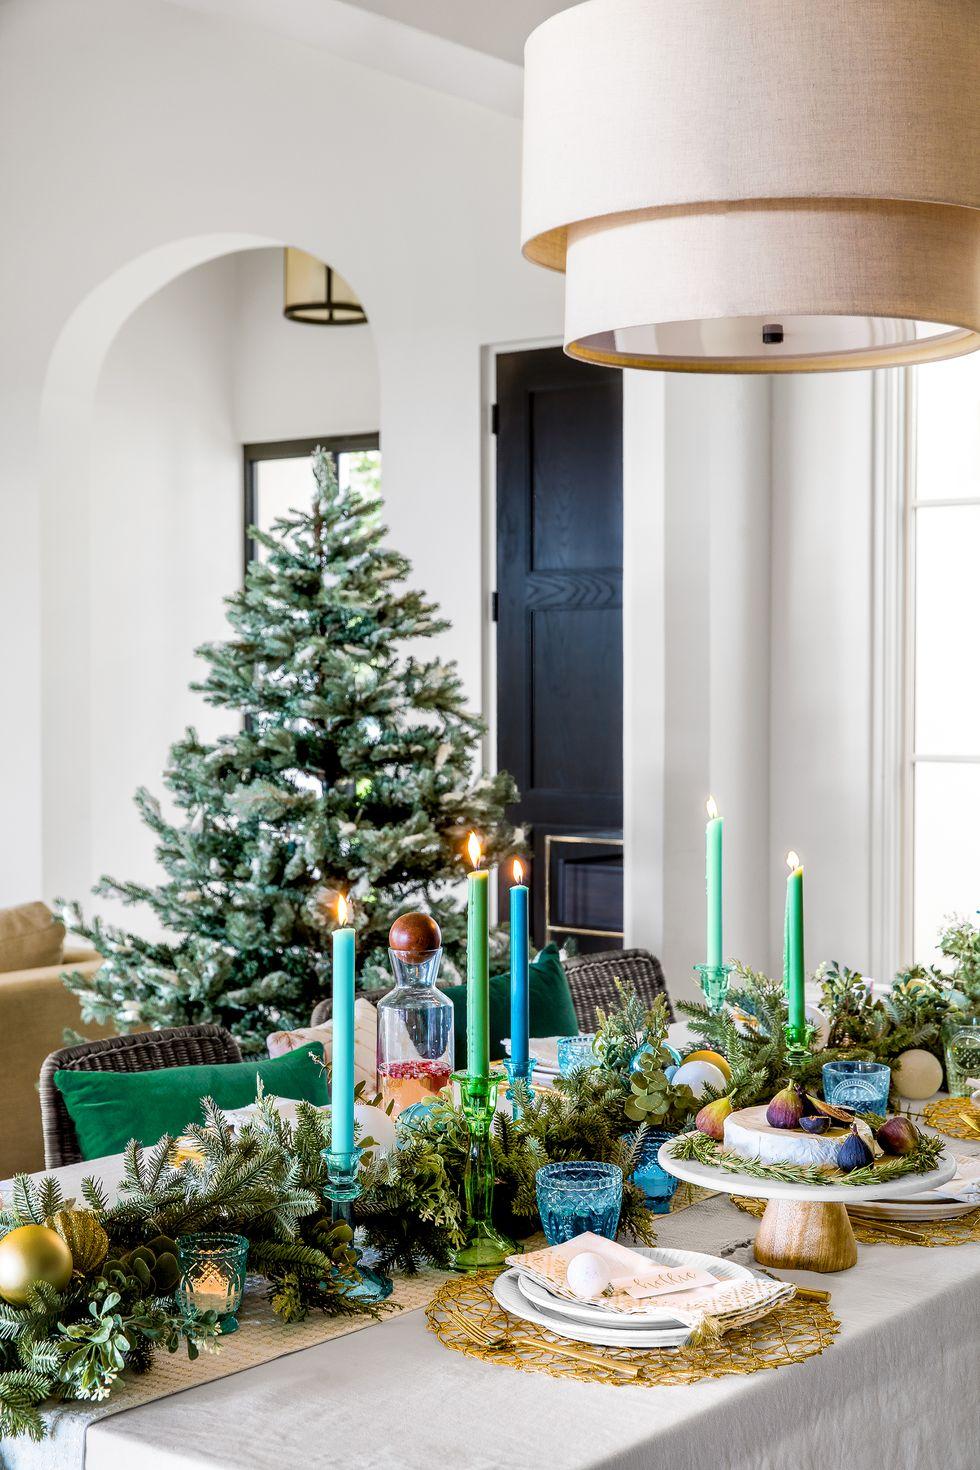 مدل میز کریسمس سبز و آبی و سفید کریسمس